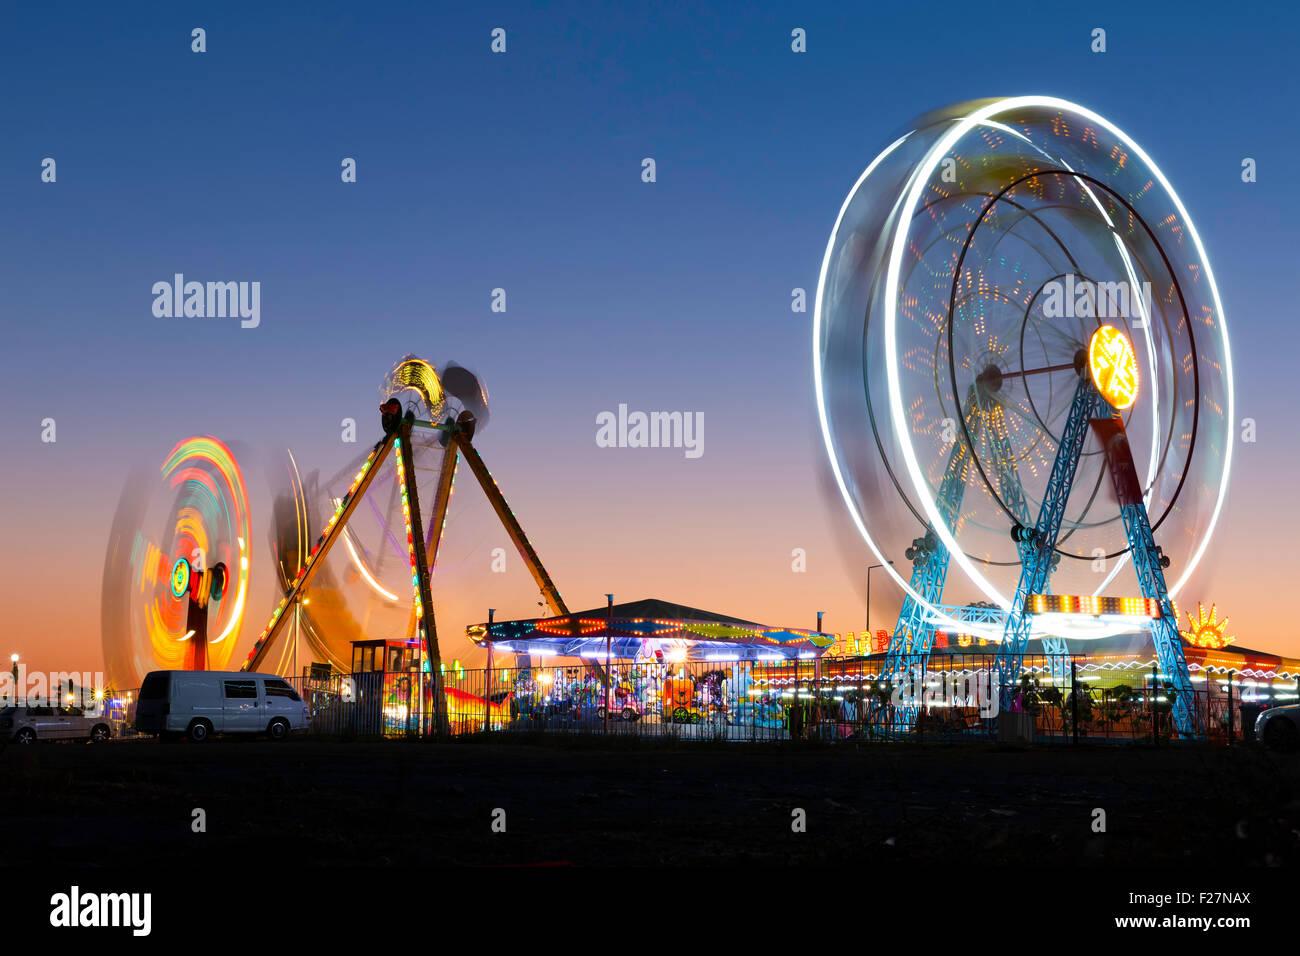 Bunten Karneval Riesenrad und Gondel Spinnerei in Bewegung verwischt in der Dämmerung in einem Vergnügungspark Stockbild